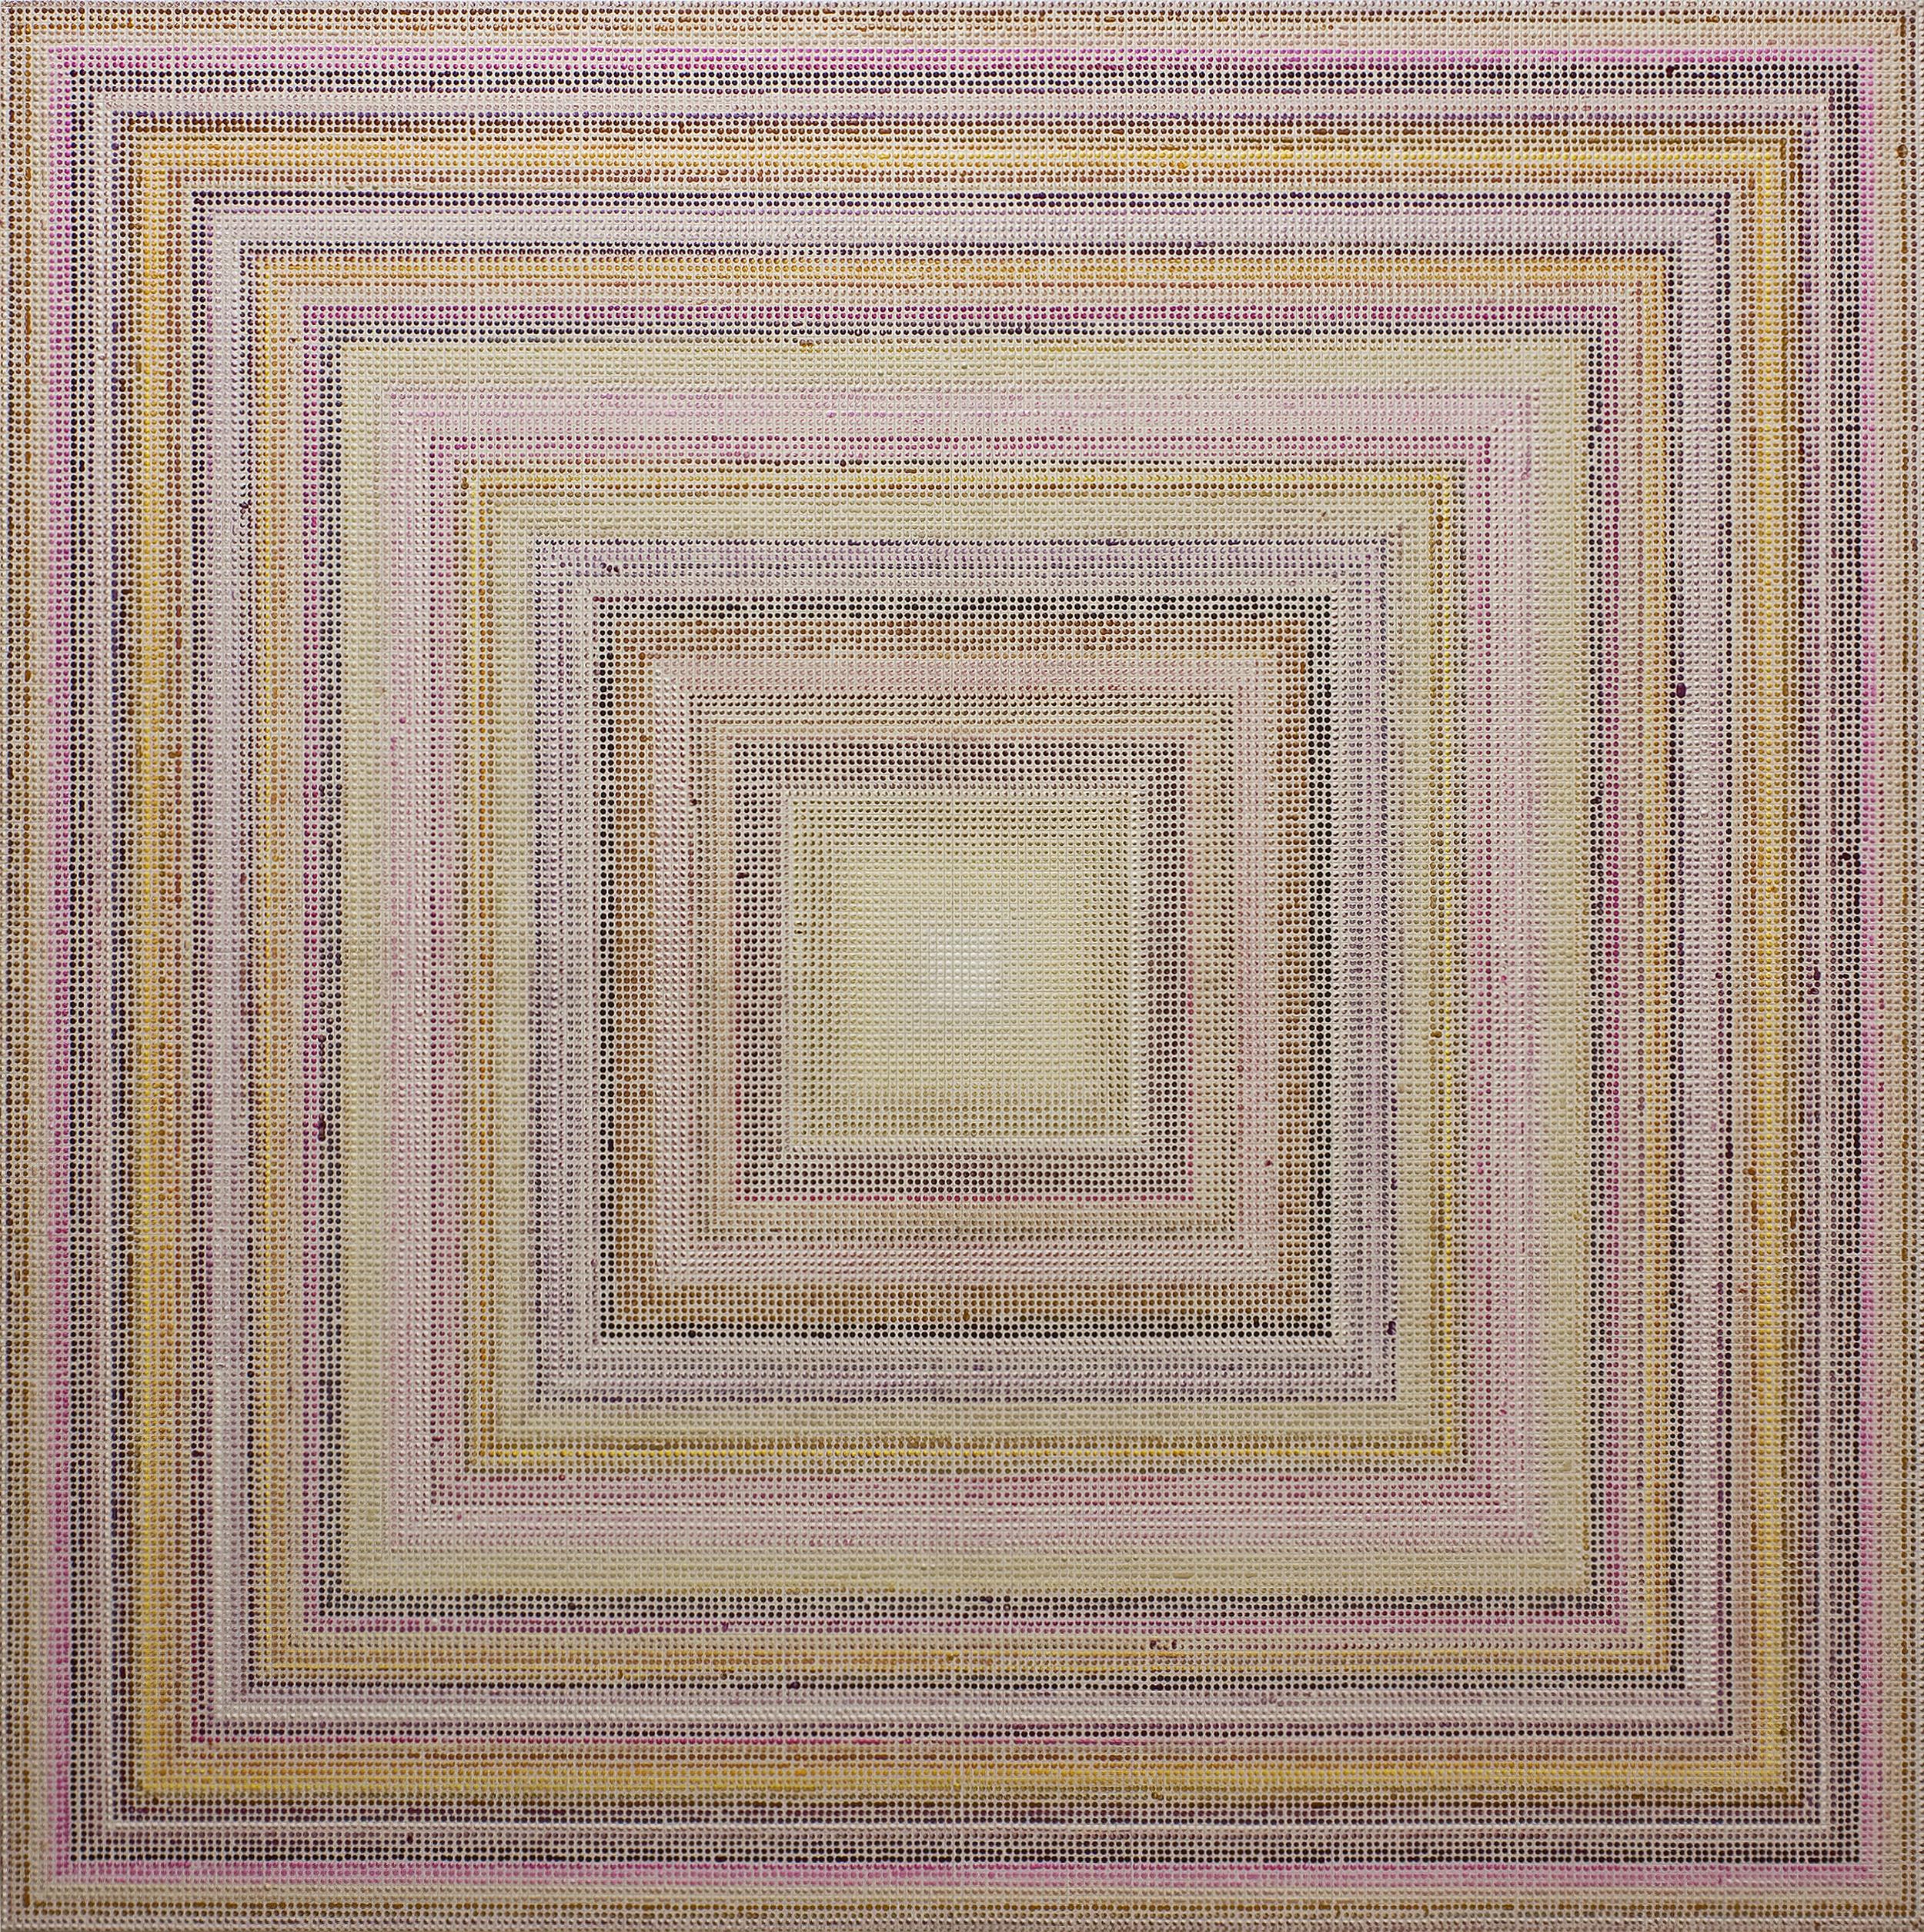 Untitled (BYMV), acrylic on canvas, 2011, 60 x 60in | 152 x 152cm